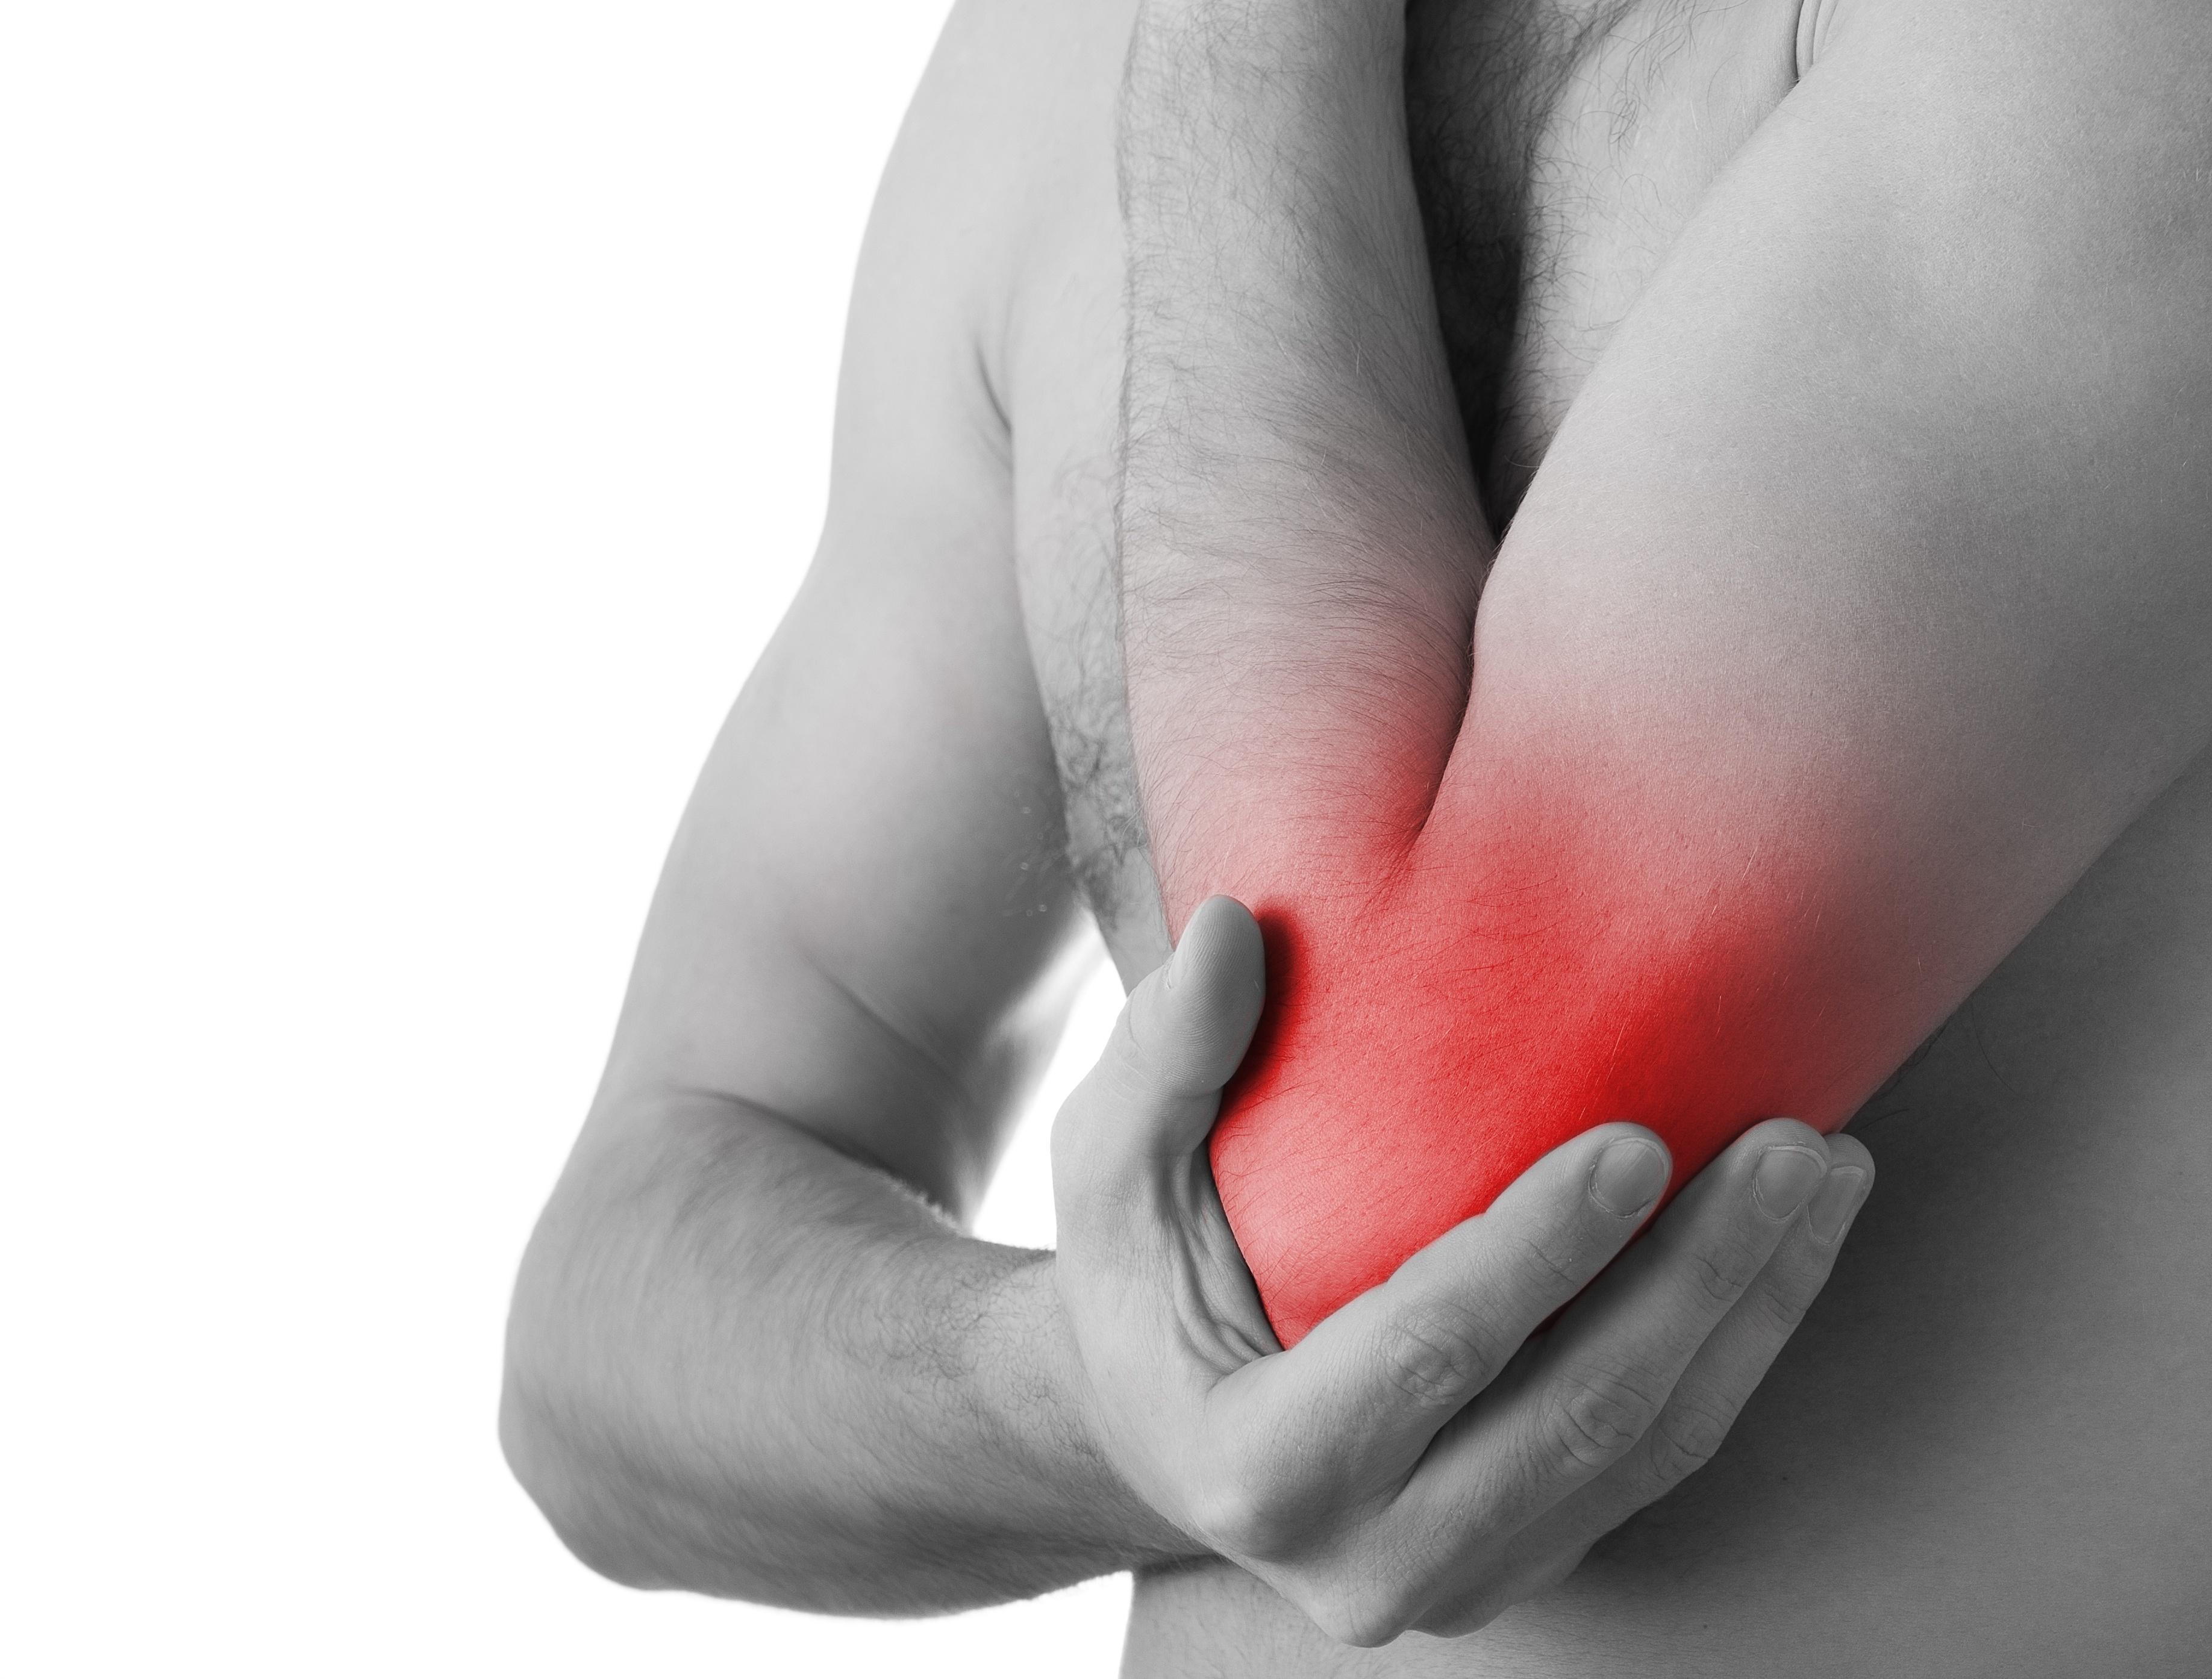 szeder ízületi fájdalmak esetén emberi kézbetegség, rheumatoid arthritis